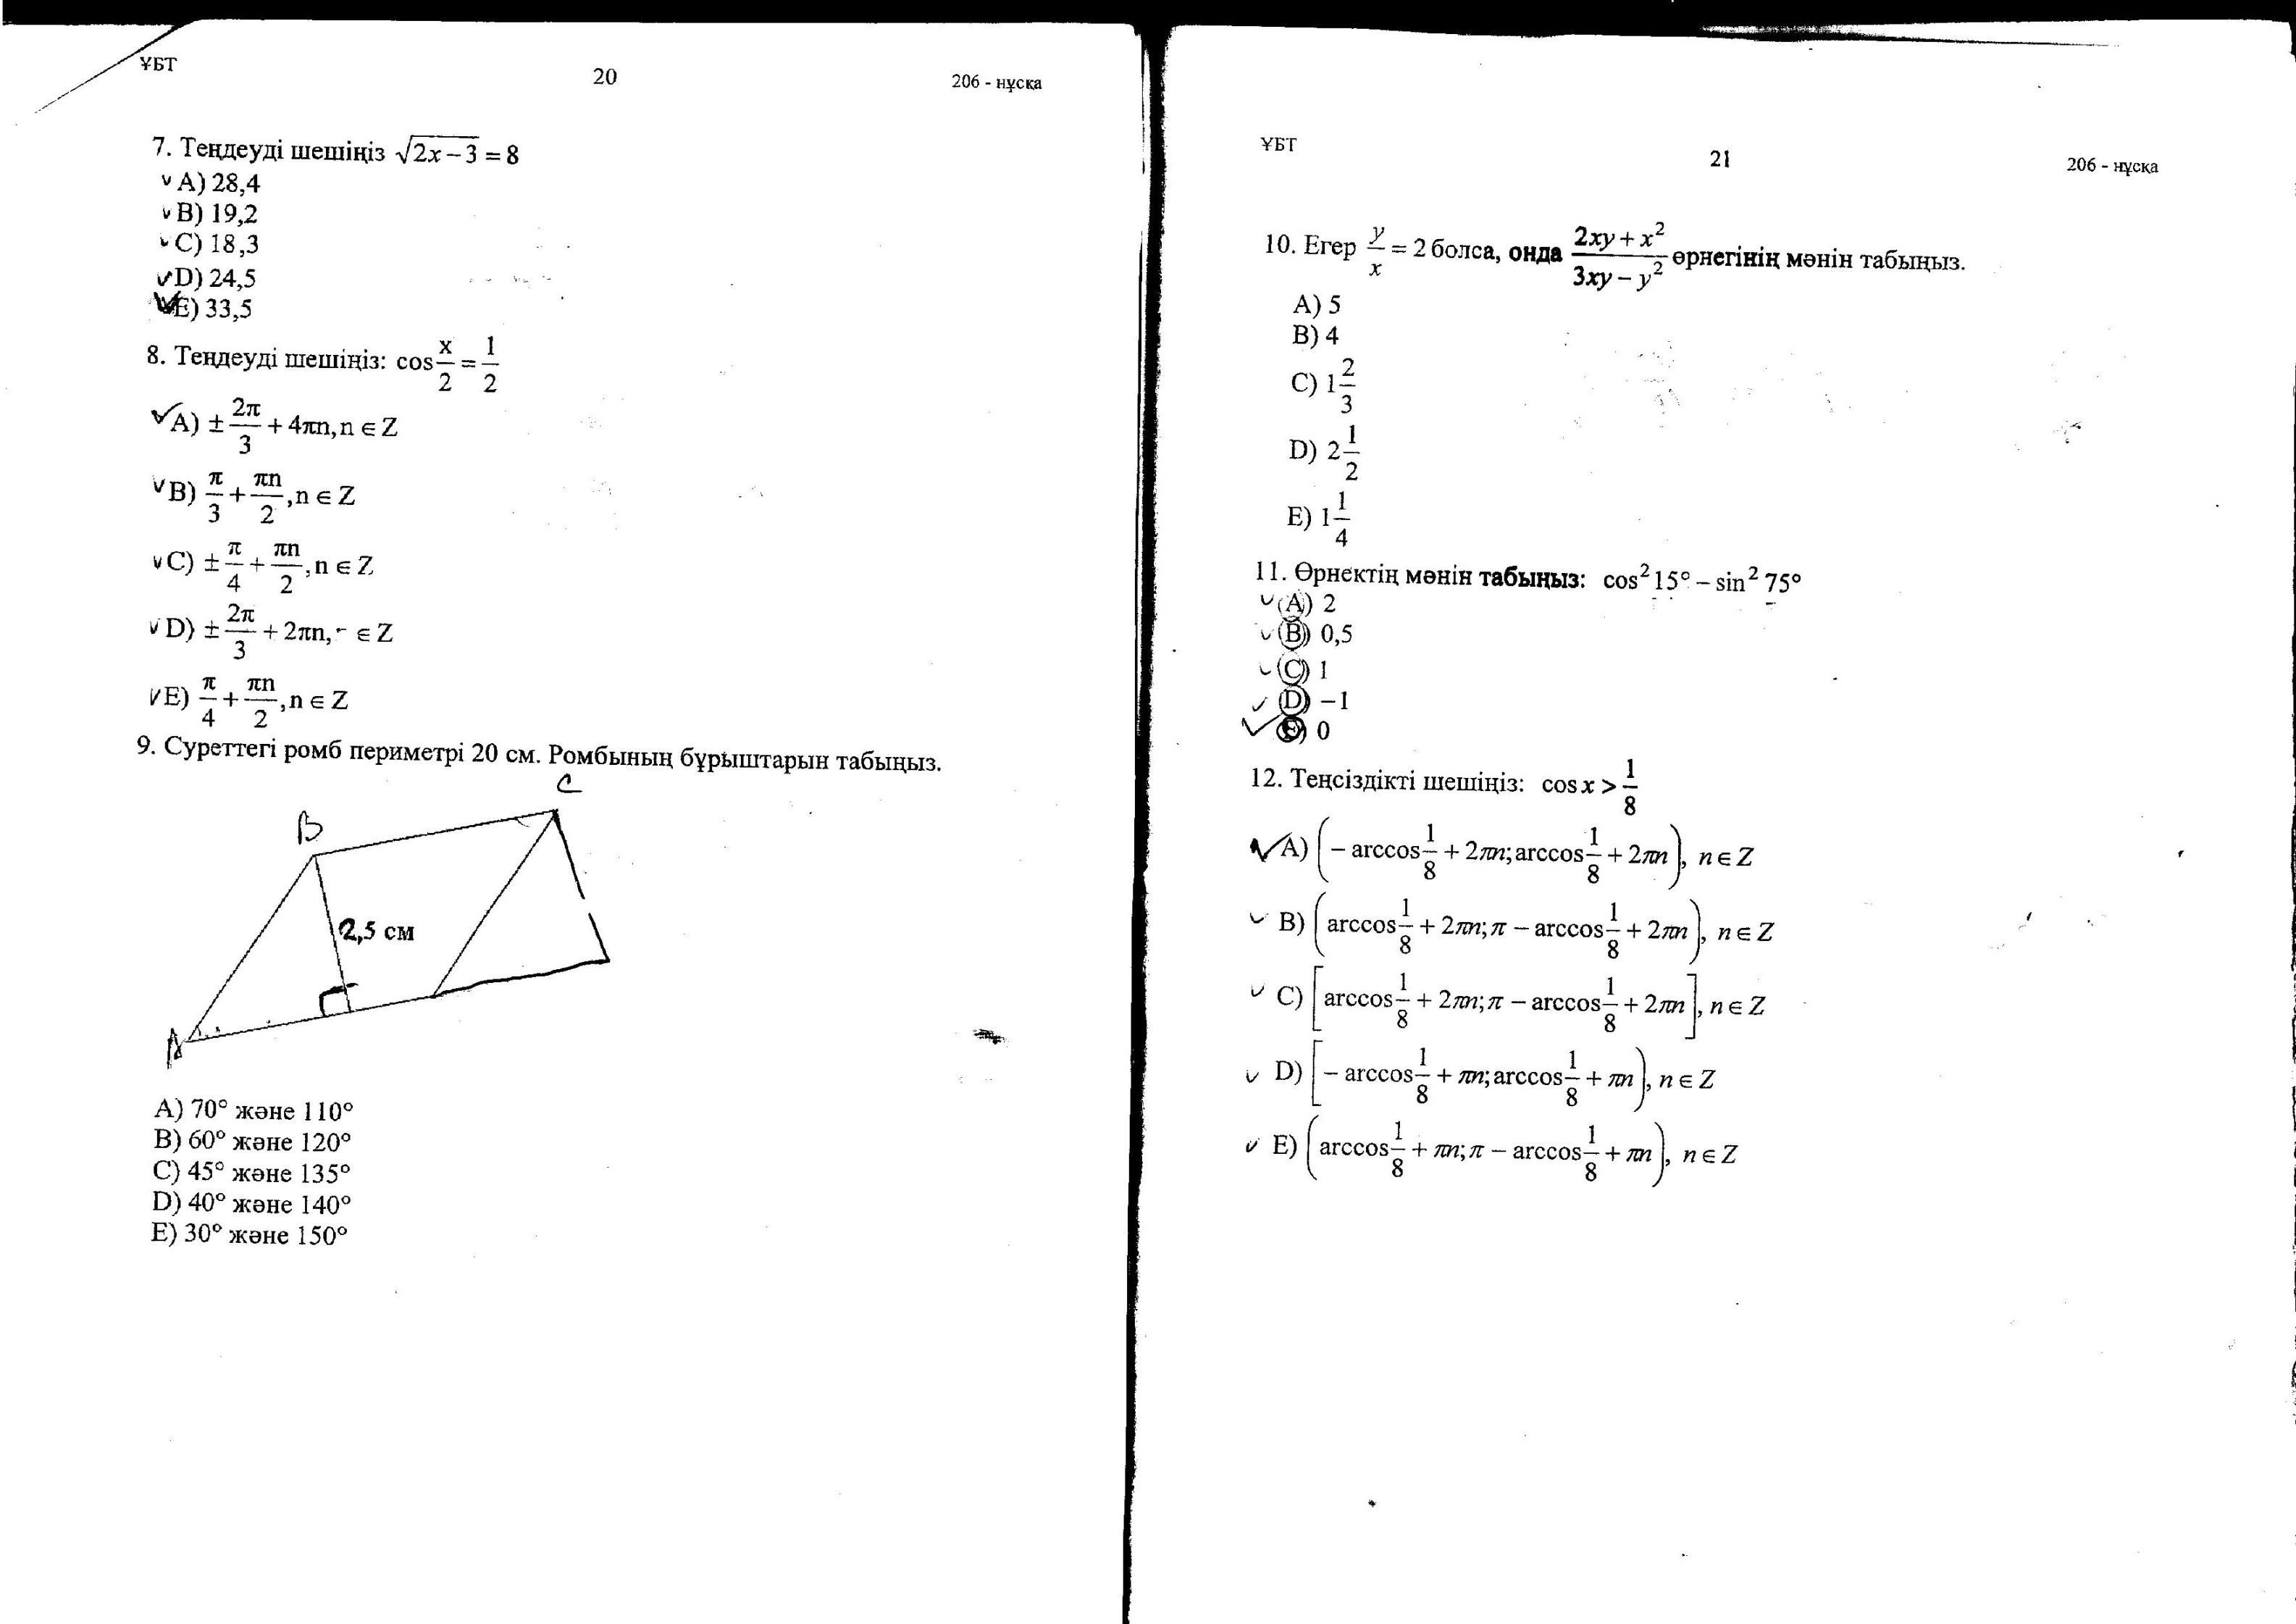 G:\тест 2014\Новая папка\Новая папка (4)\20-21.jpg